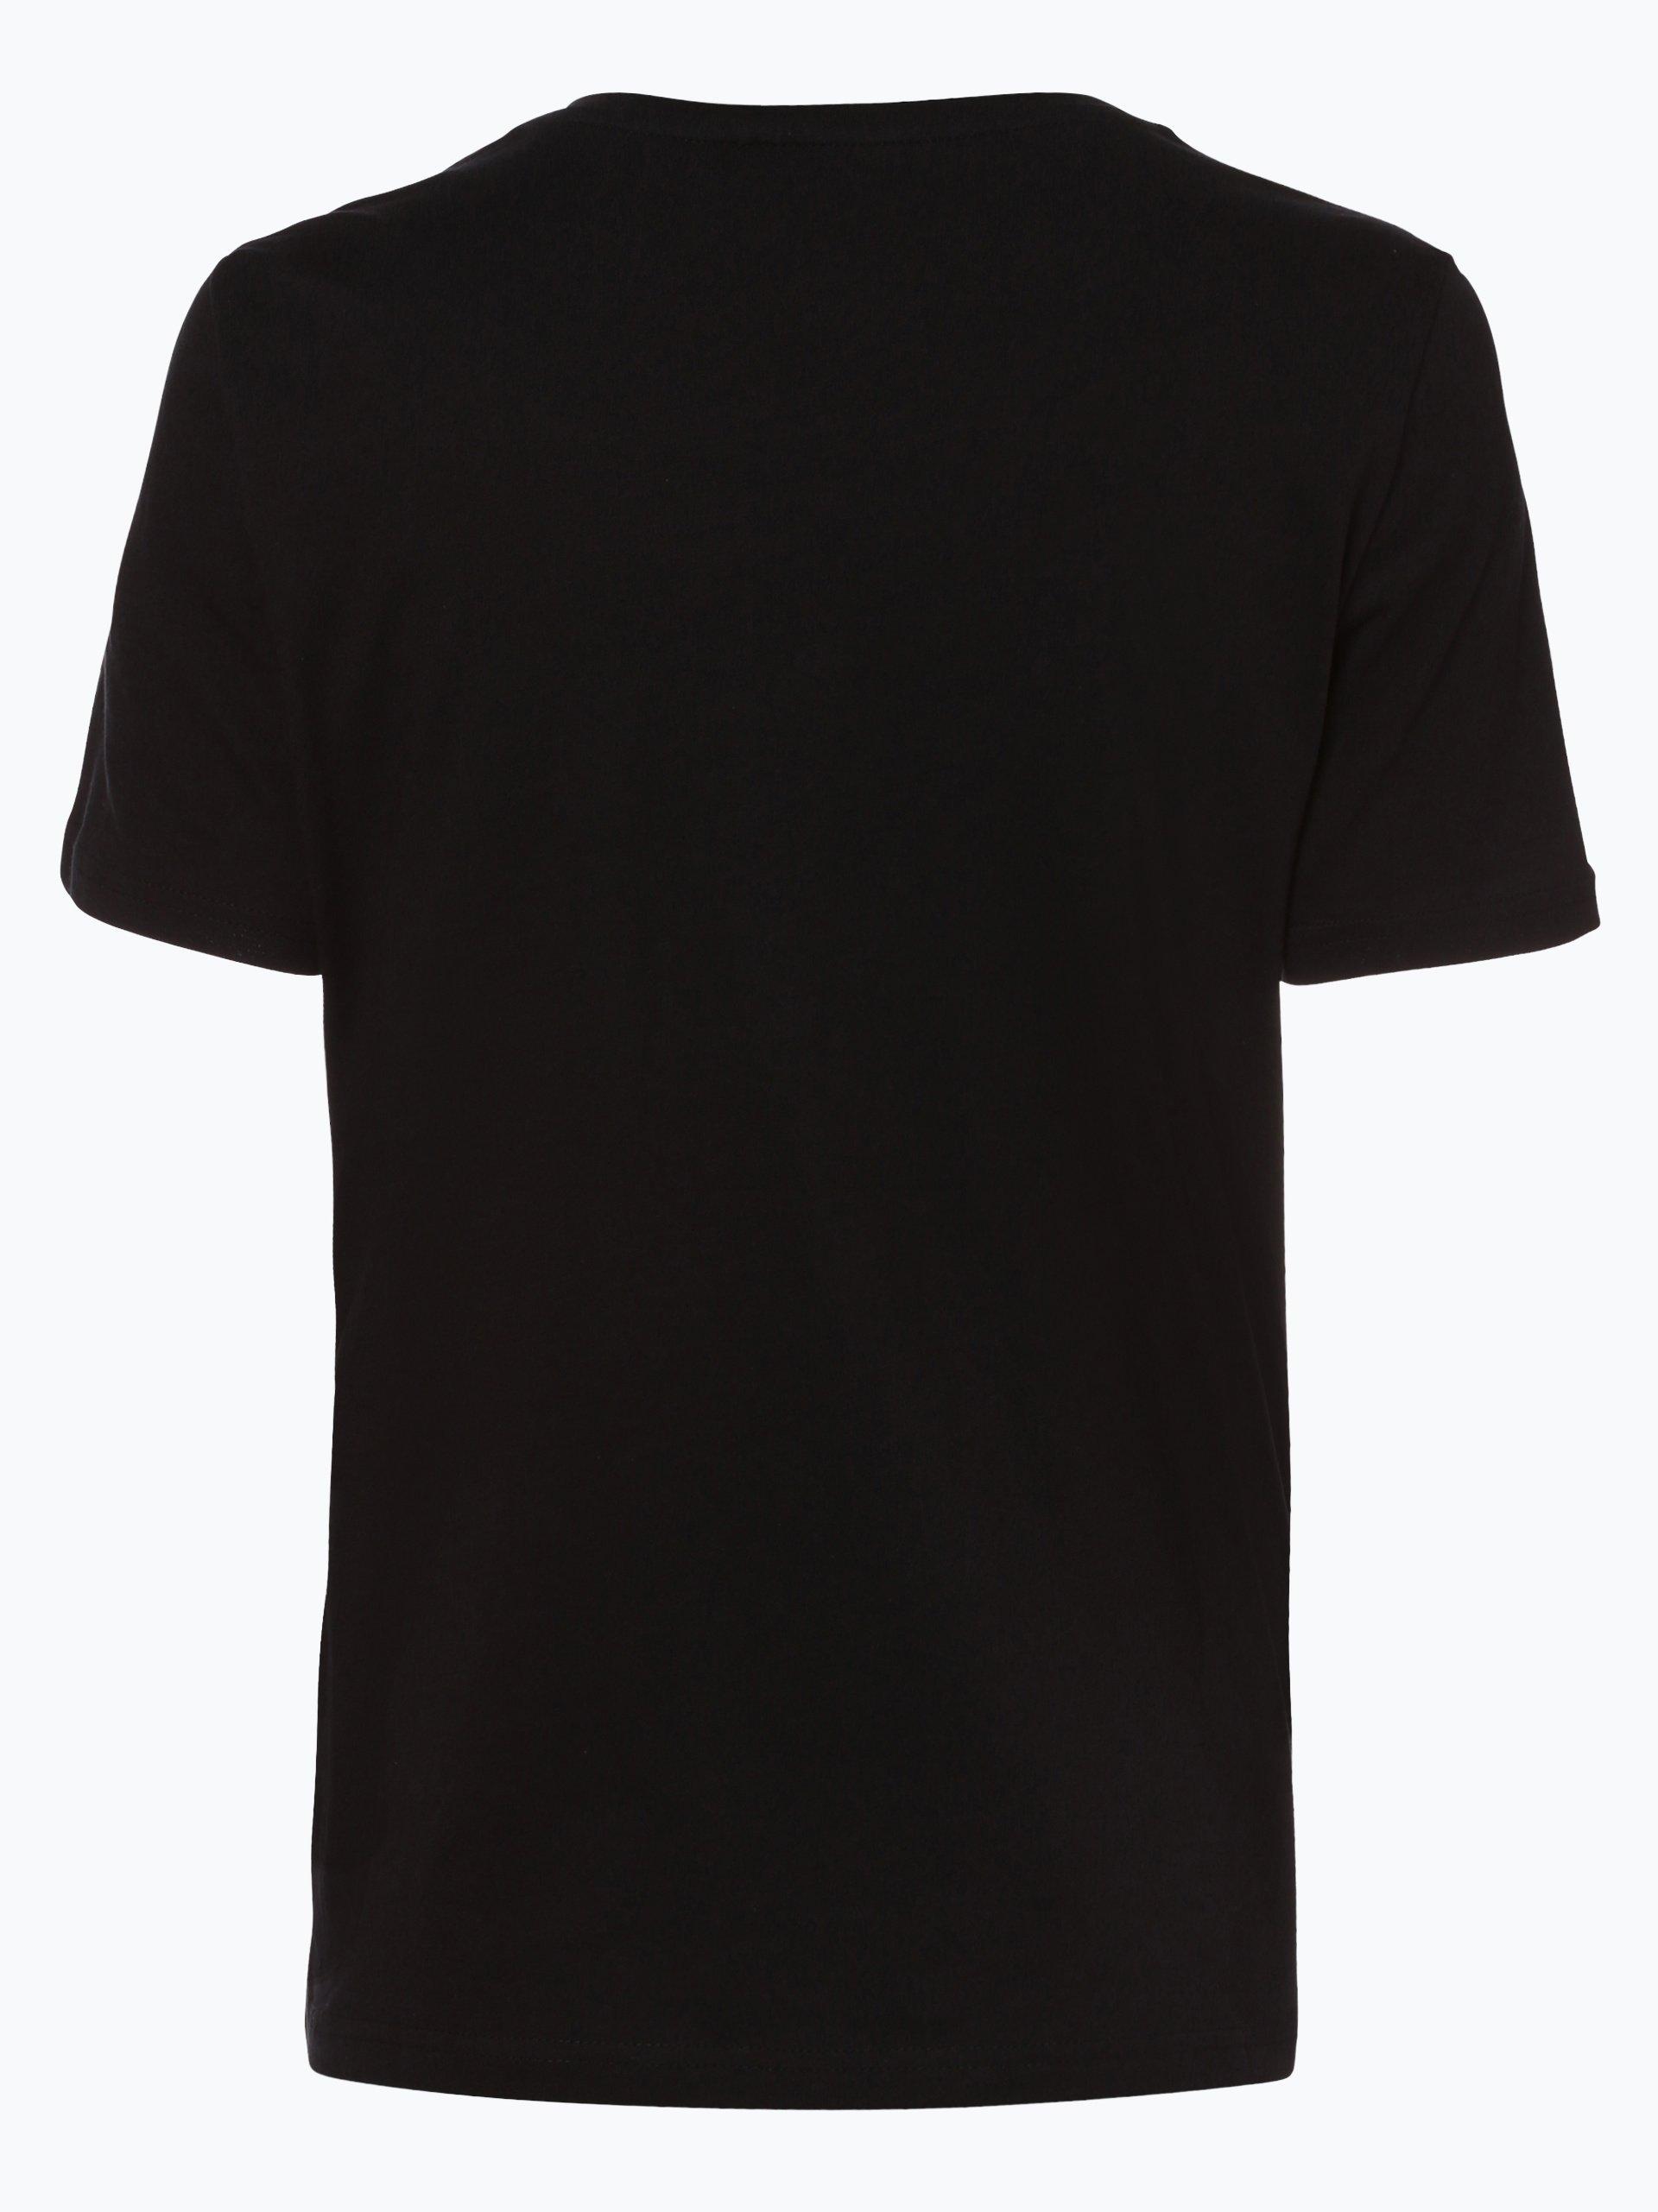 only damen t shirt rolling stones schwarz gemustert online kaufen peek und cloppenburg de. Black Bedroom Furniture Sets. Home Design Ideas